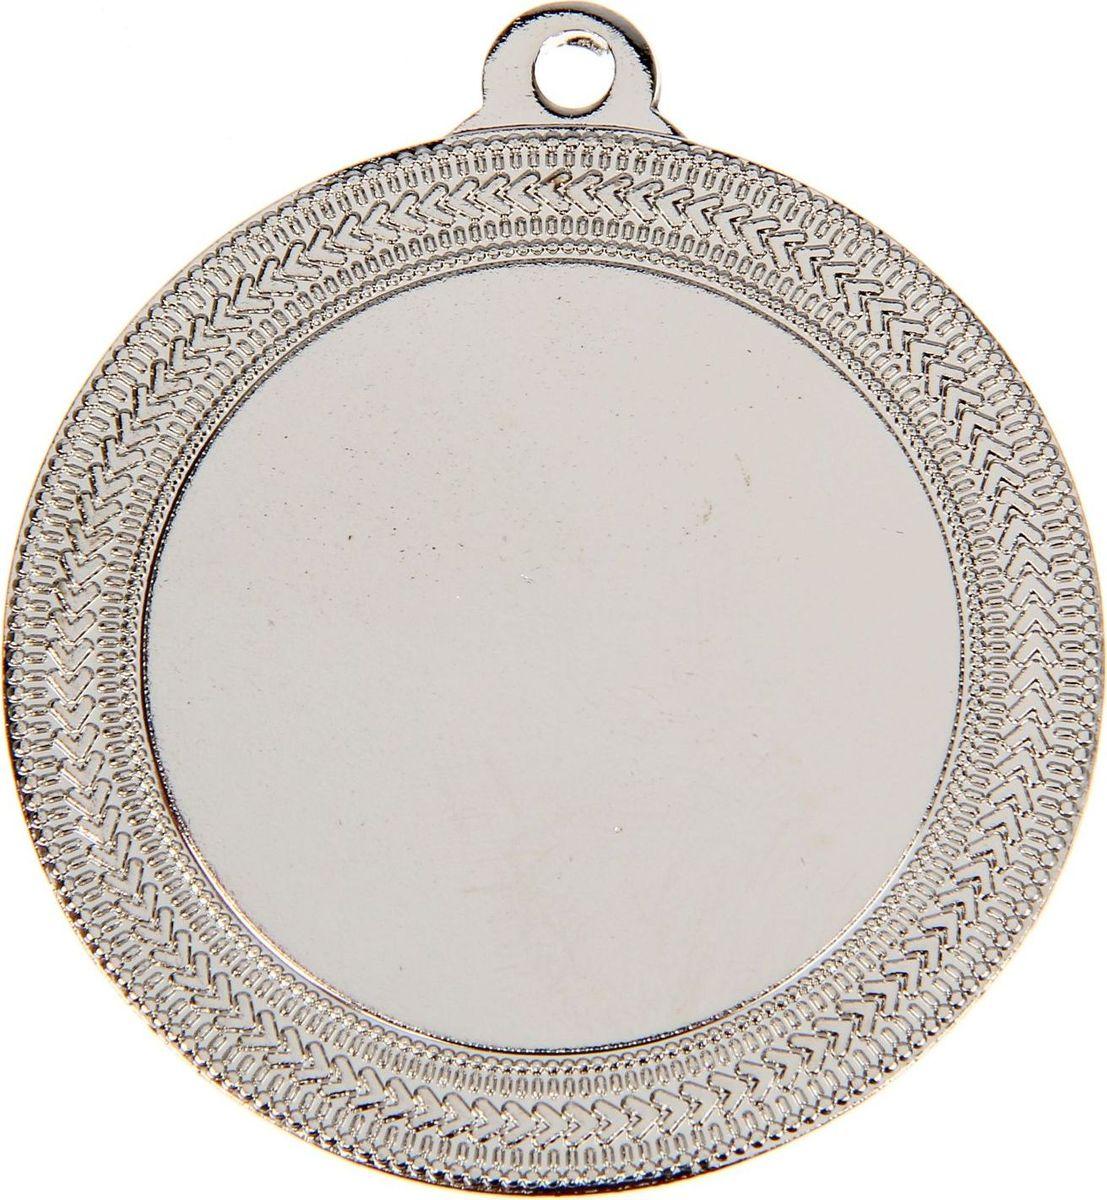 Медаль сувенирная с местом для гравировки, цвет: серебристый, диаметр 5,5 см. 0351253534Медаль вручается лишь тем, кто проявил настойчивость и волю к победе, ведь такое событие должно оставаться в памяти на долгие годы. Эта награда изготовлена из металла и украшена стильным орнаментом. Характеристики:Диаметр медали: 5,5 см Диаметр вкладыша (лицо): 4 см Диаметр вкладыша (оборот): 5 см.